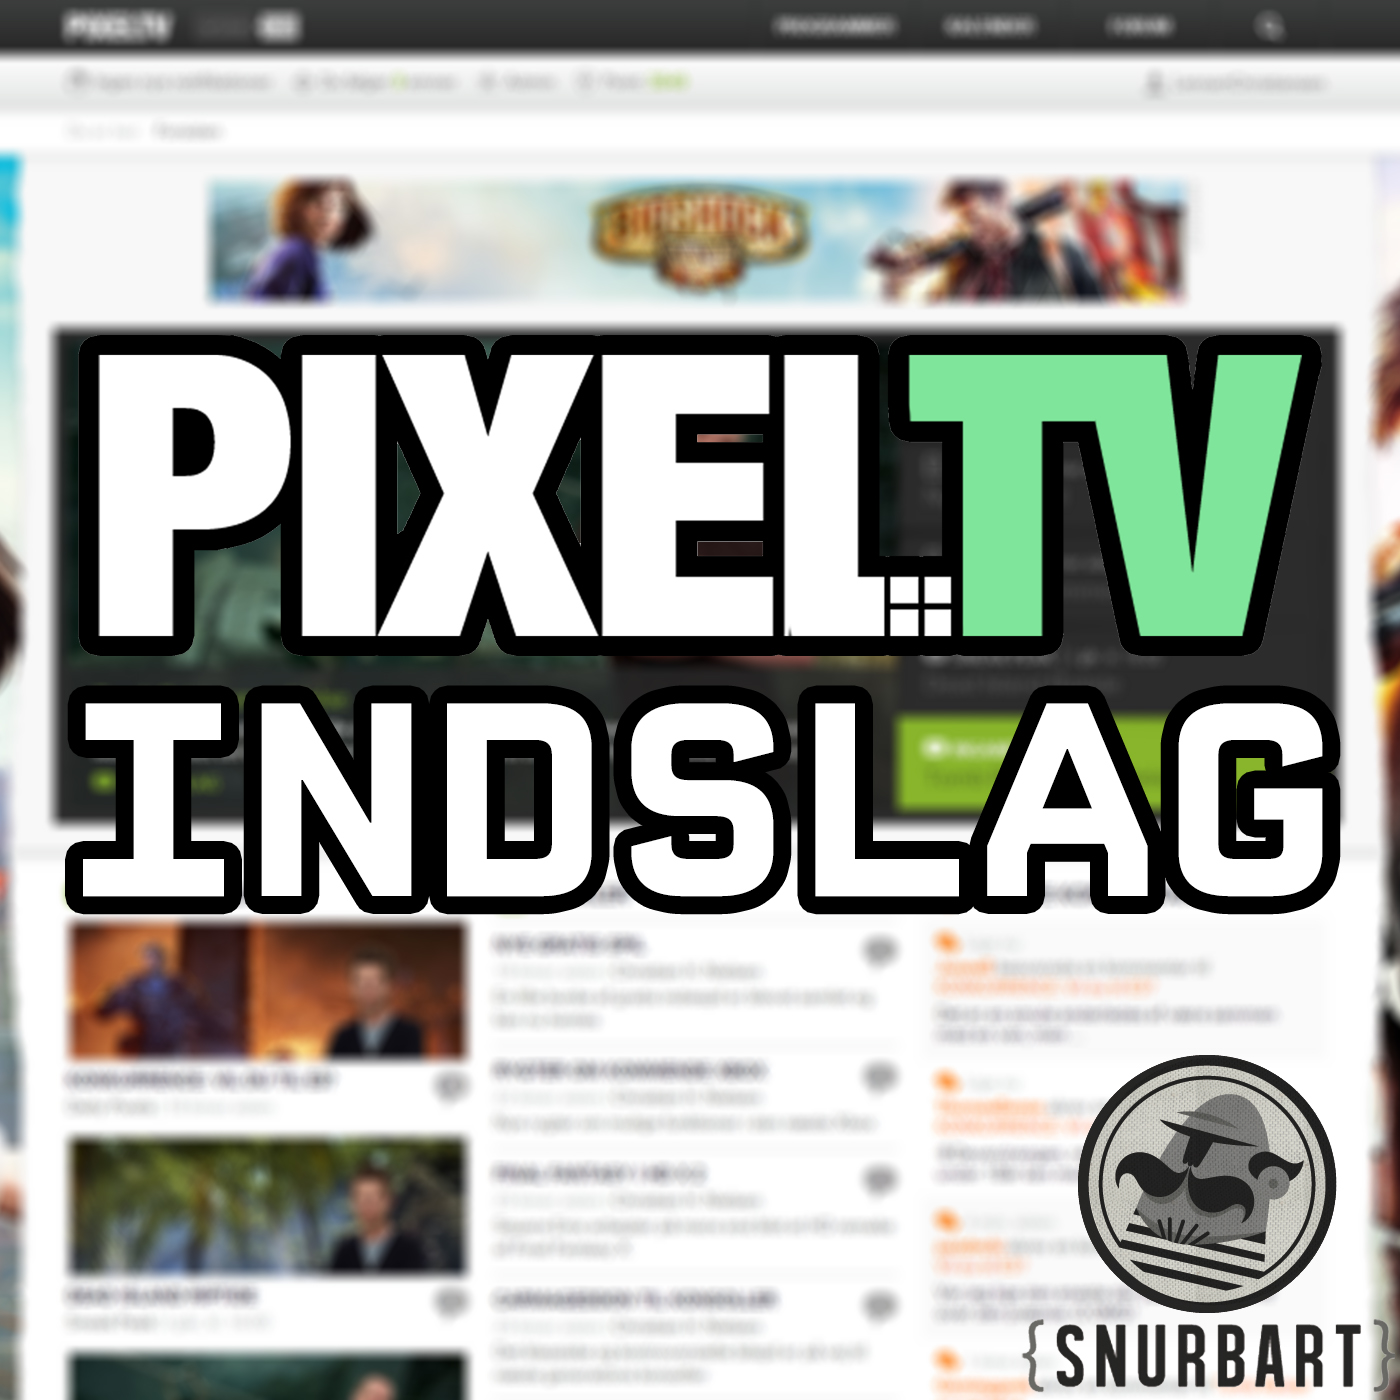 Pixel.tv